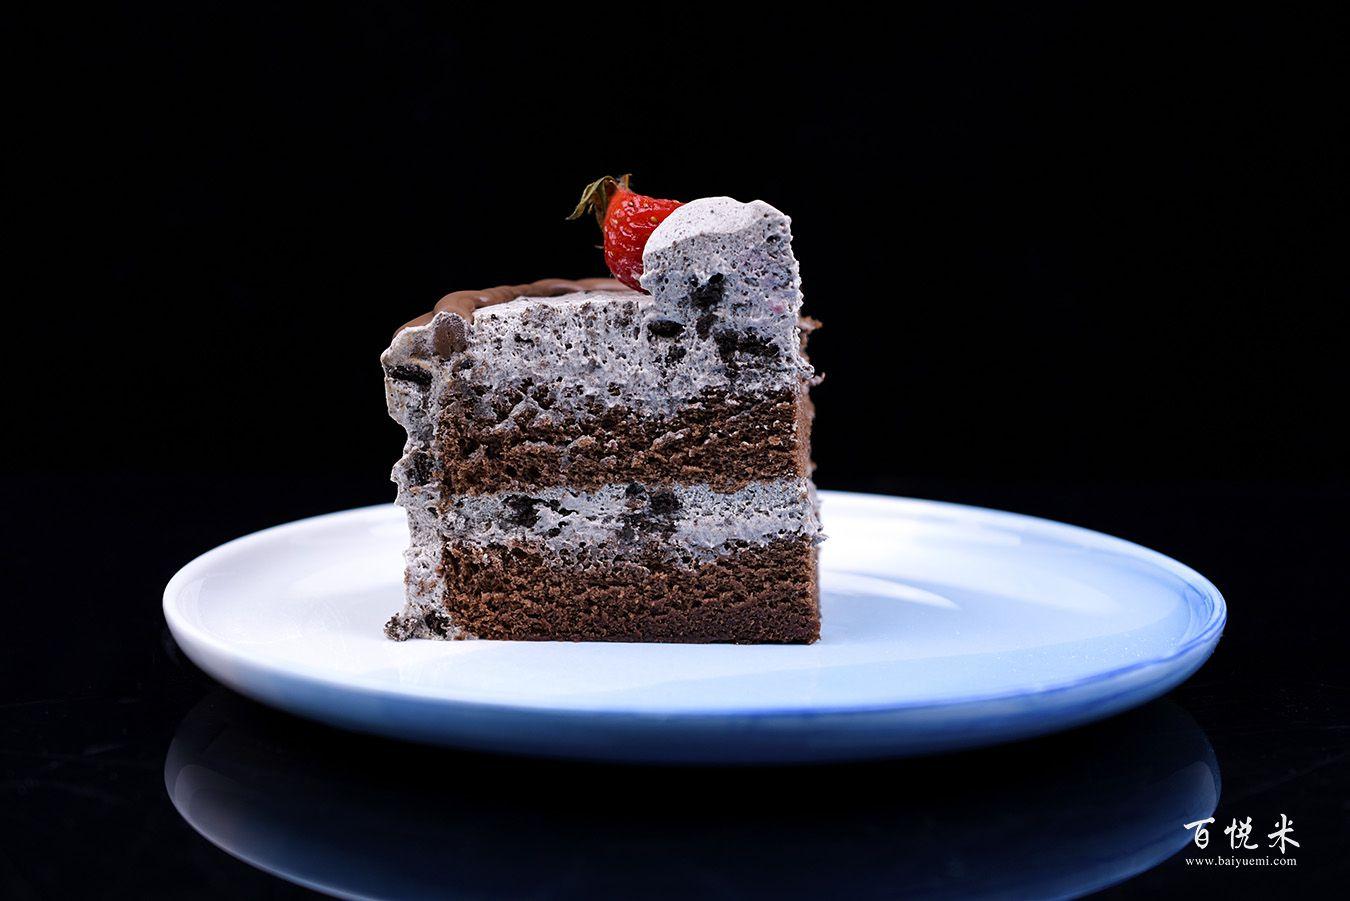 奥利奥咸奶油草莓淋面蛋糕高清图片大全【蛋糕图片】_1137